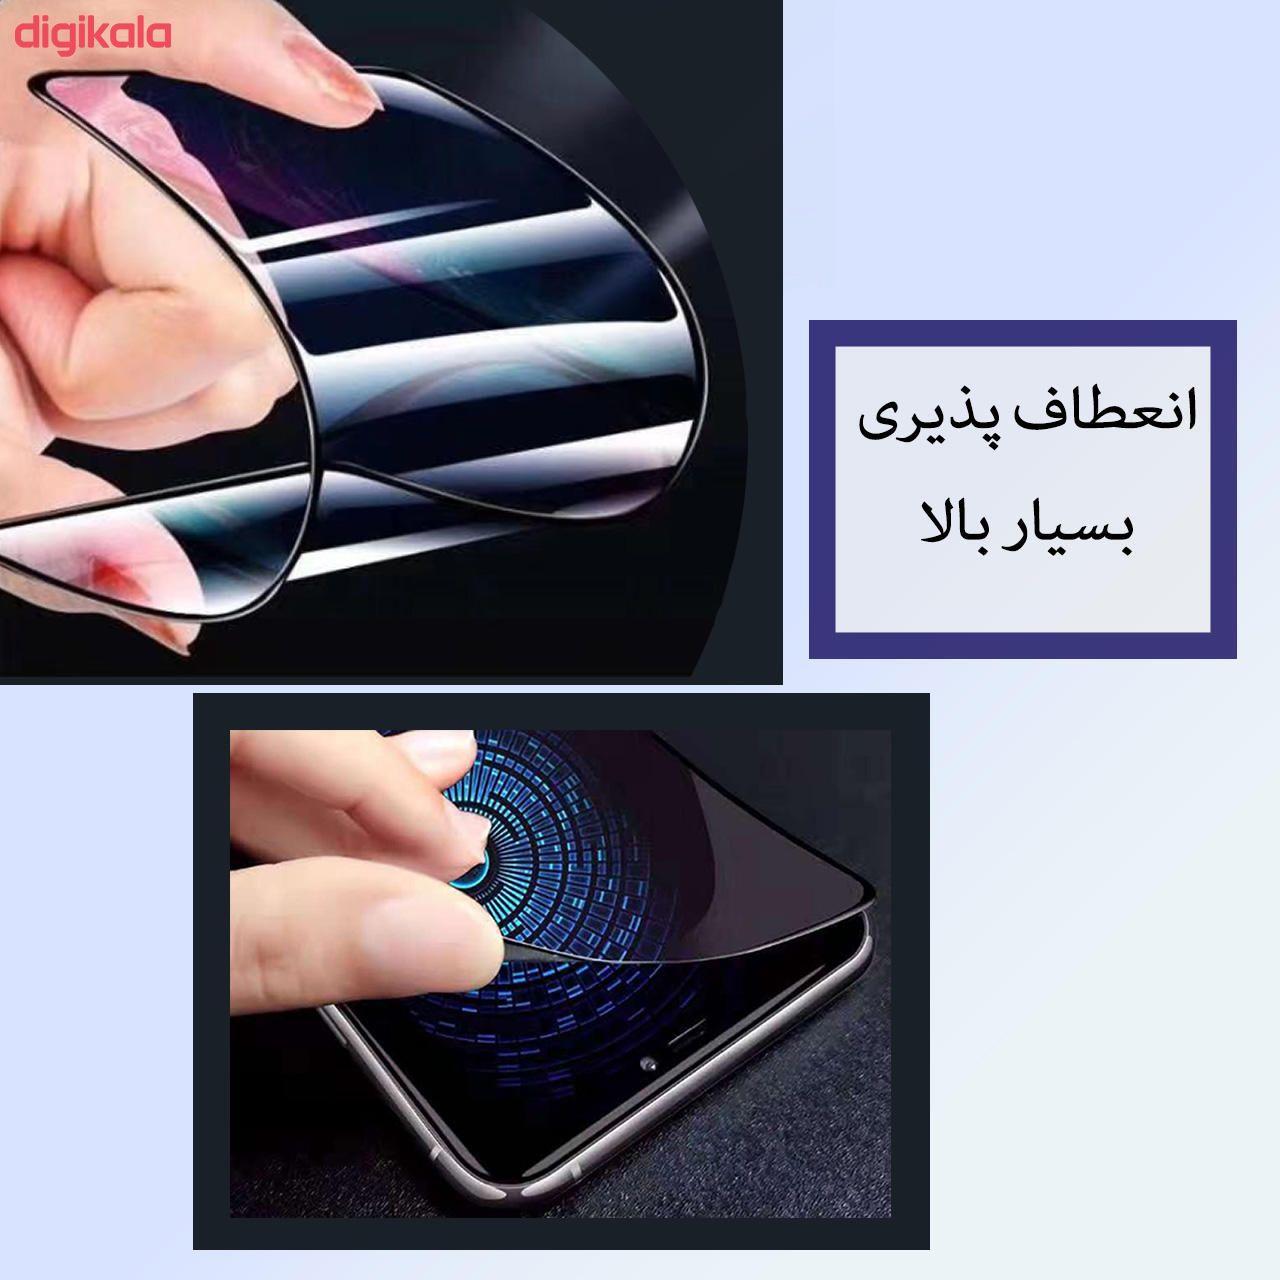 محافظ صفحه نمایش مدل R_CRG مناسب برای گوشی موبایل سامسونگ Galaxy A50 main 1 2